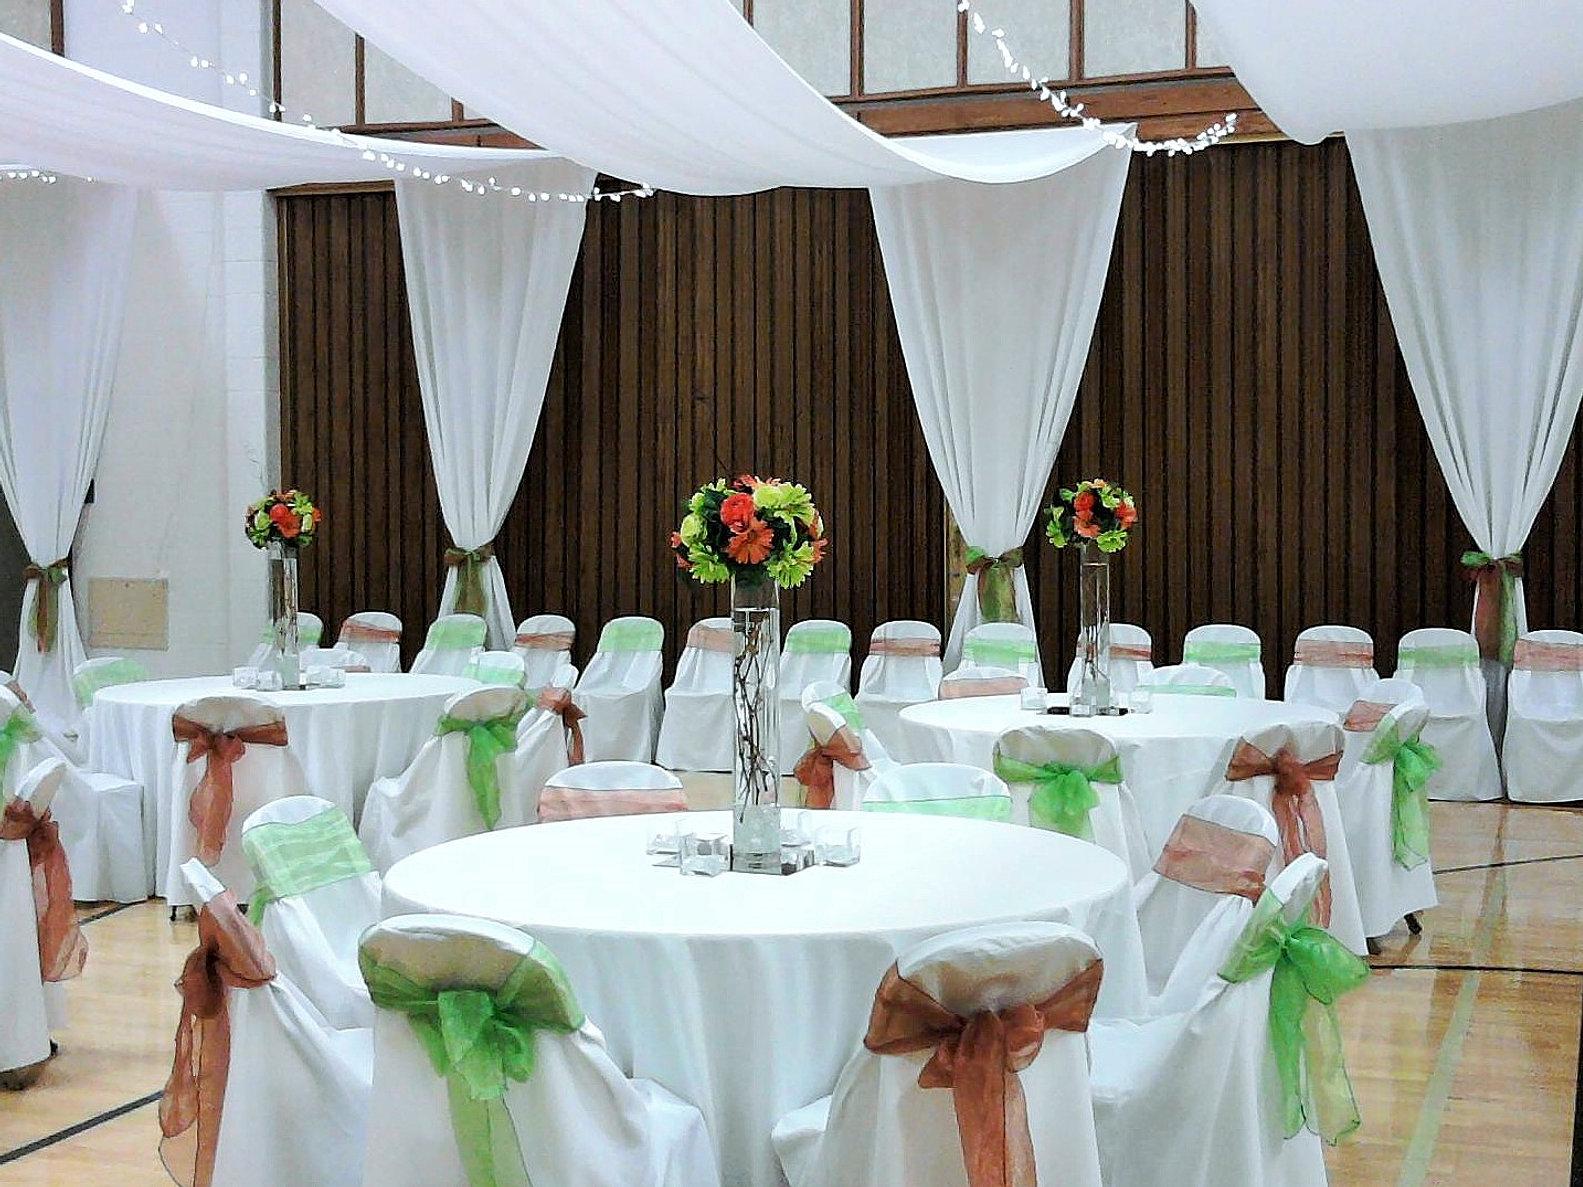 Wedding rentals utah weddings for less inc 0621121804 junglespirit Images